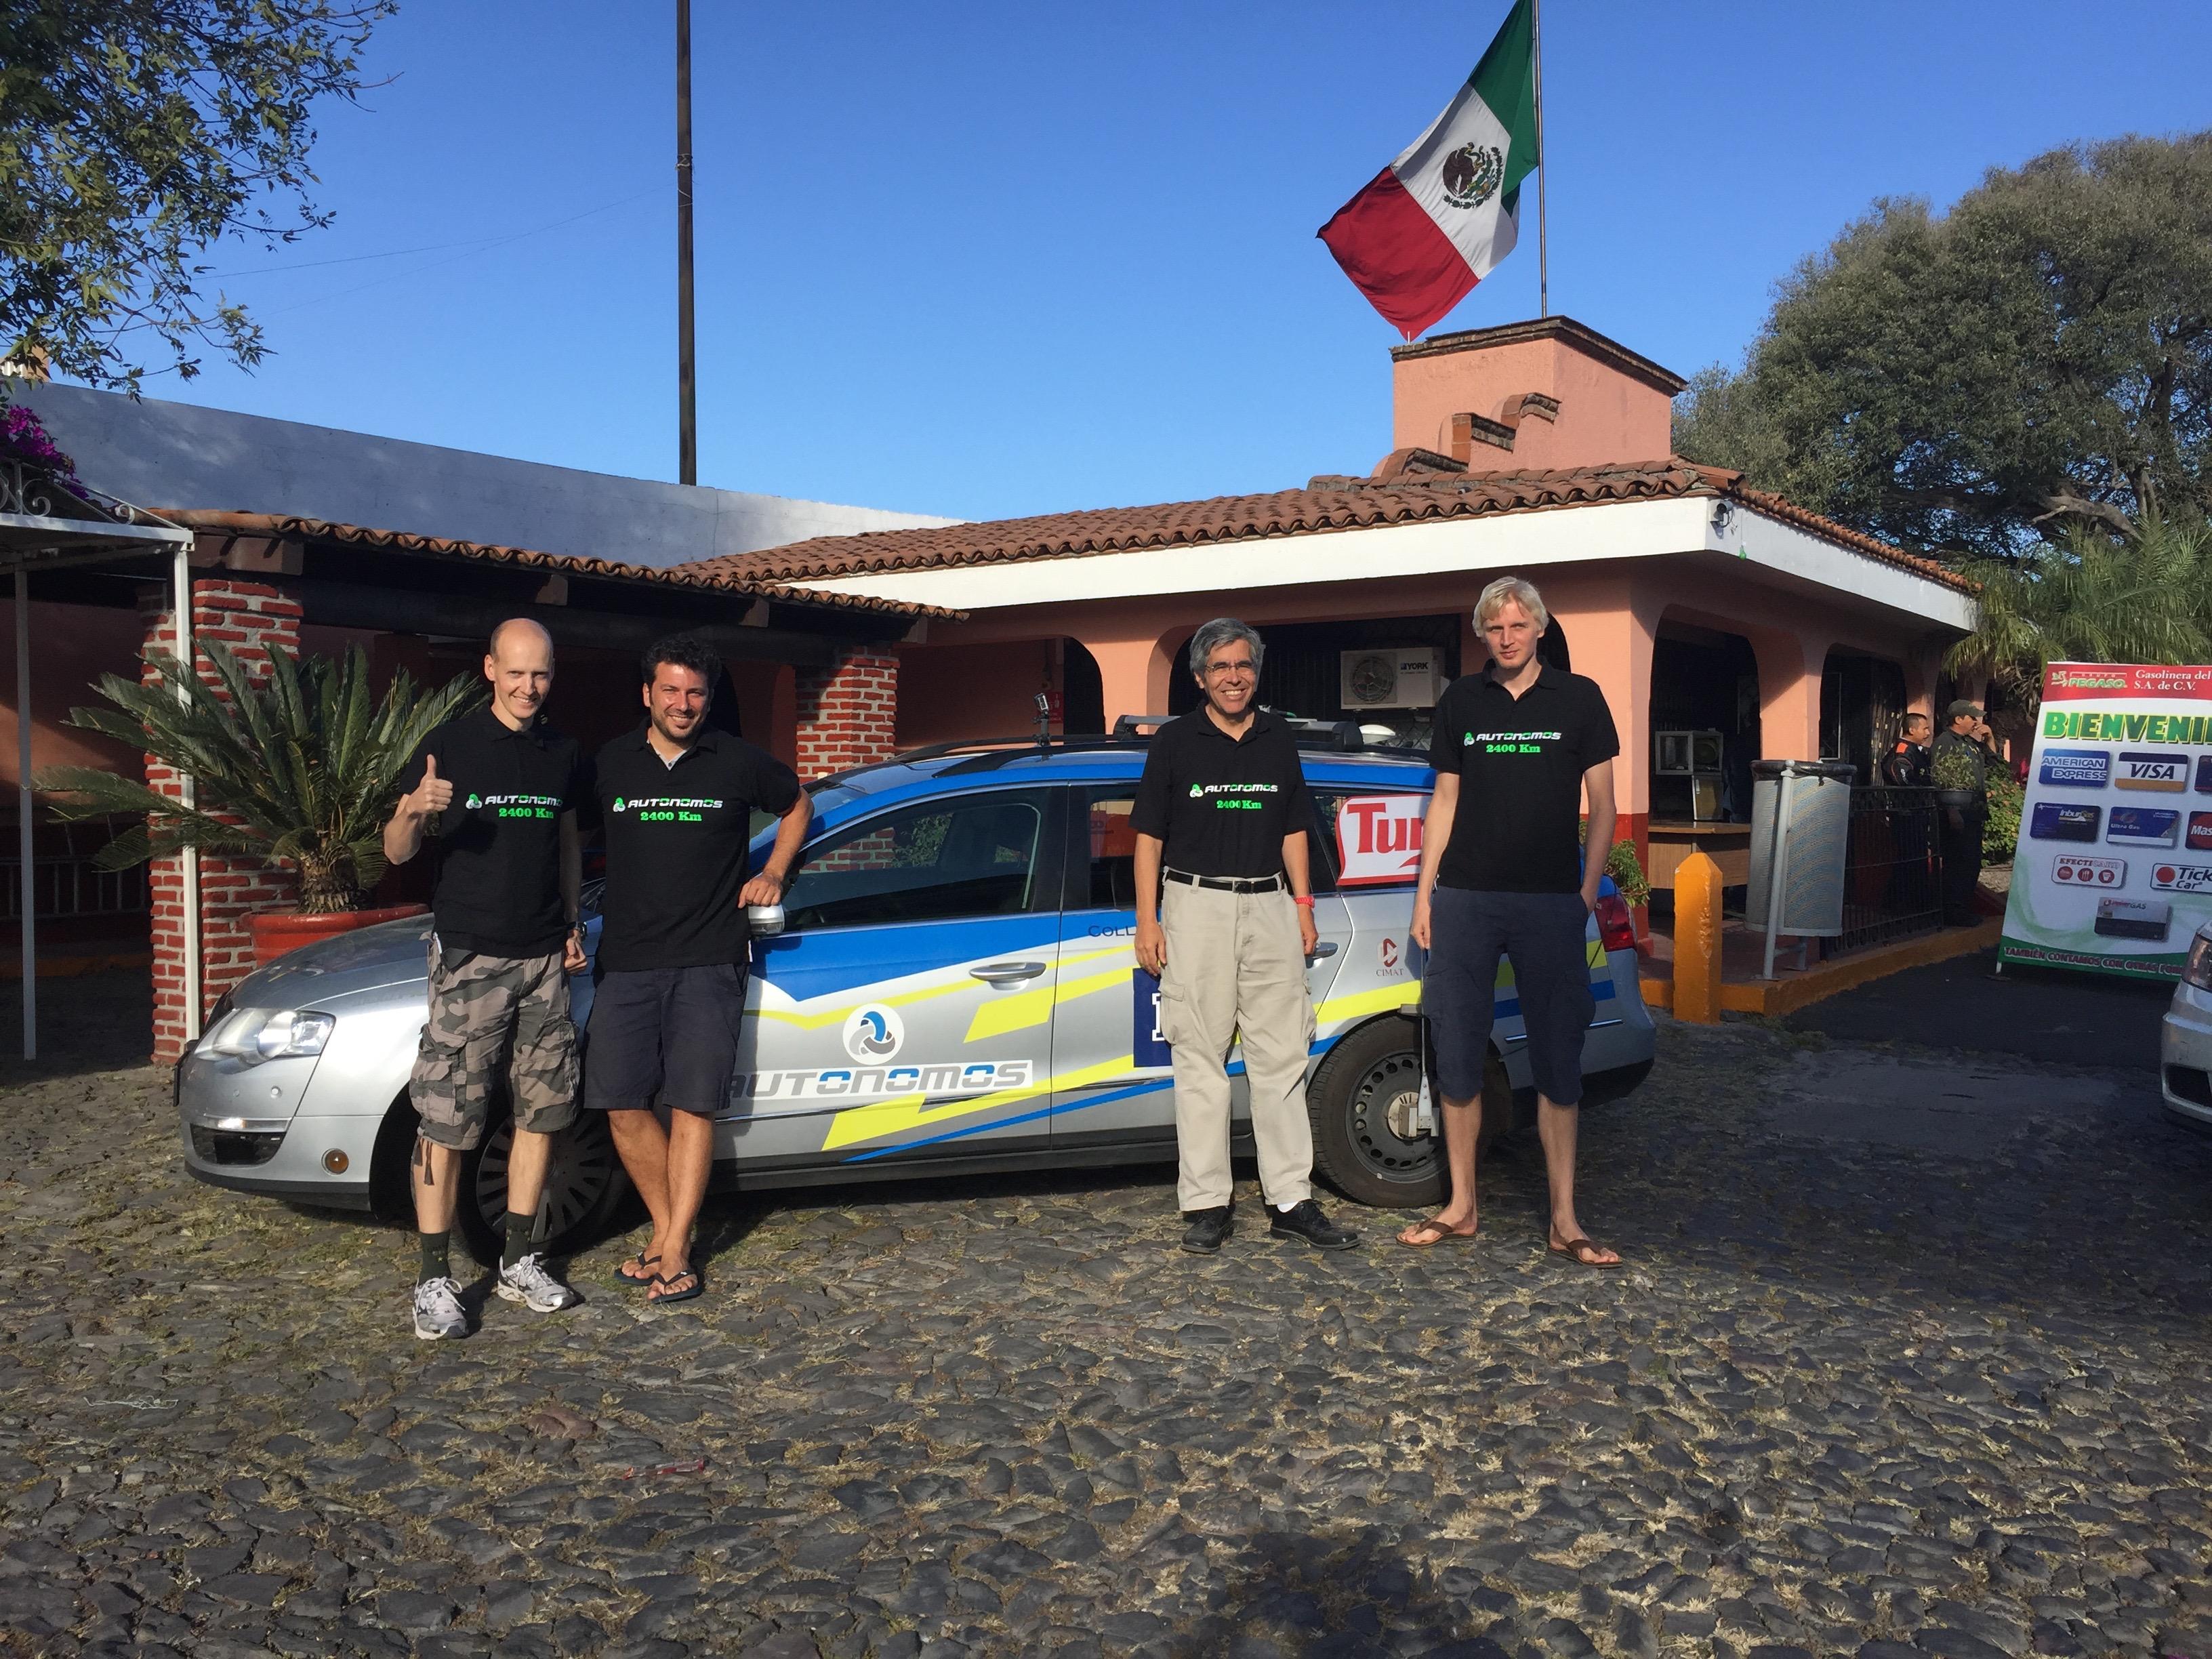 Autonomos Team Mexico